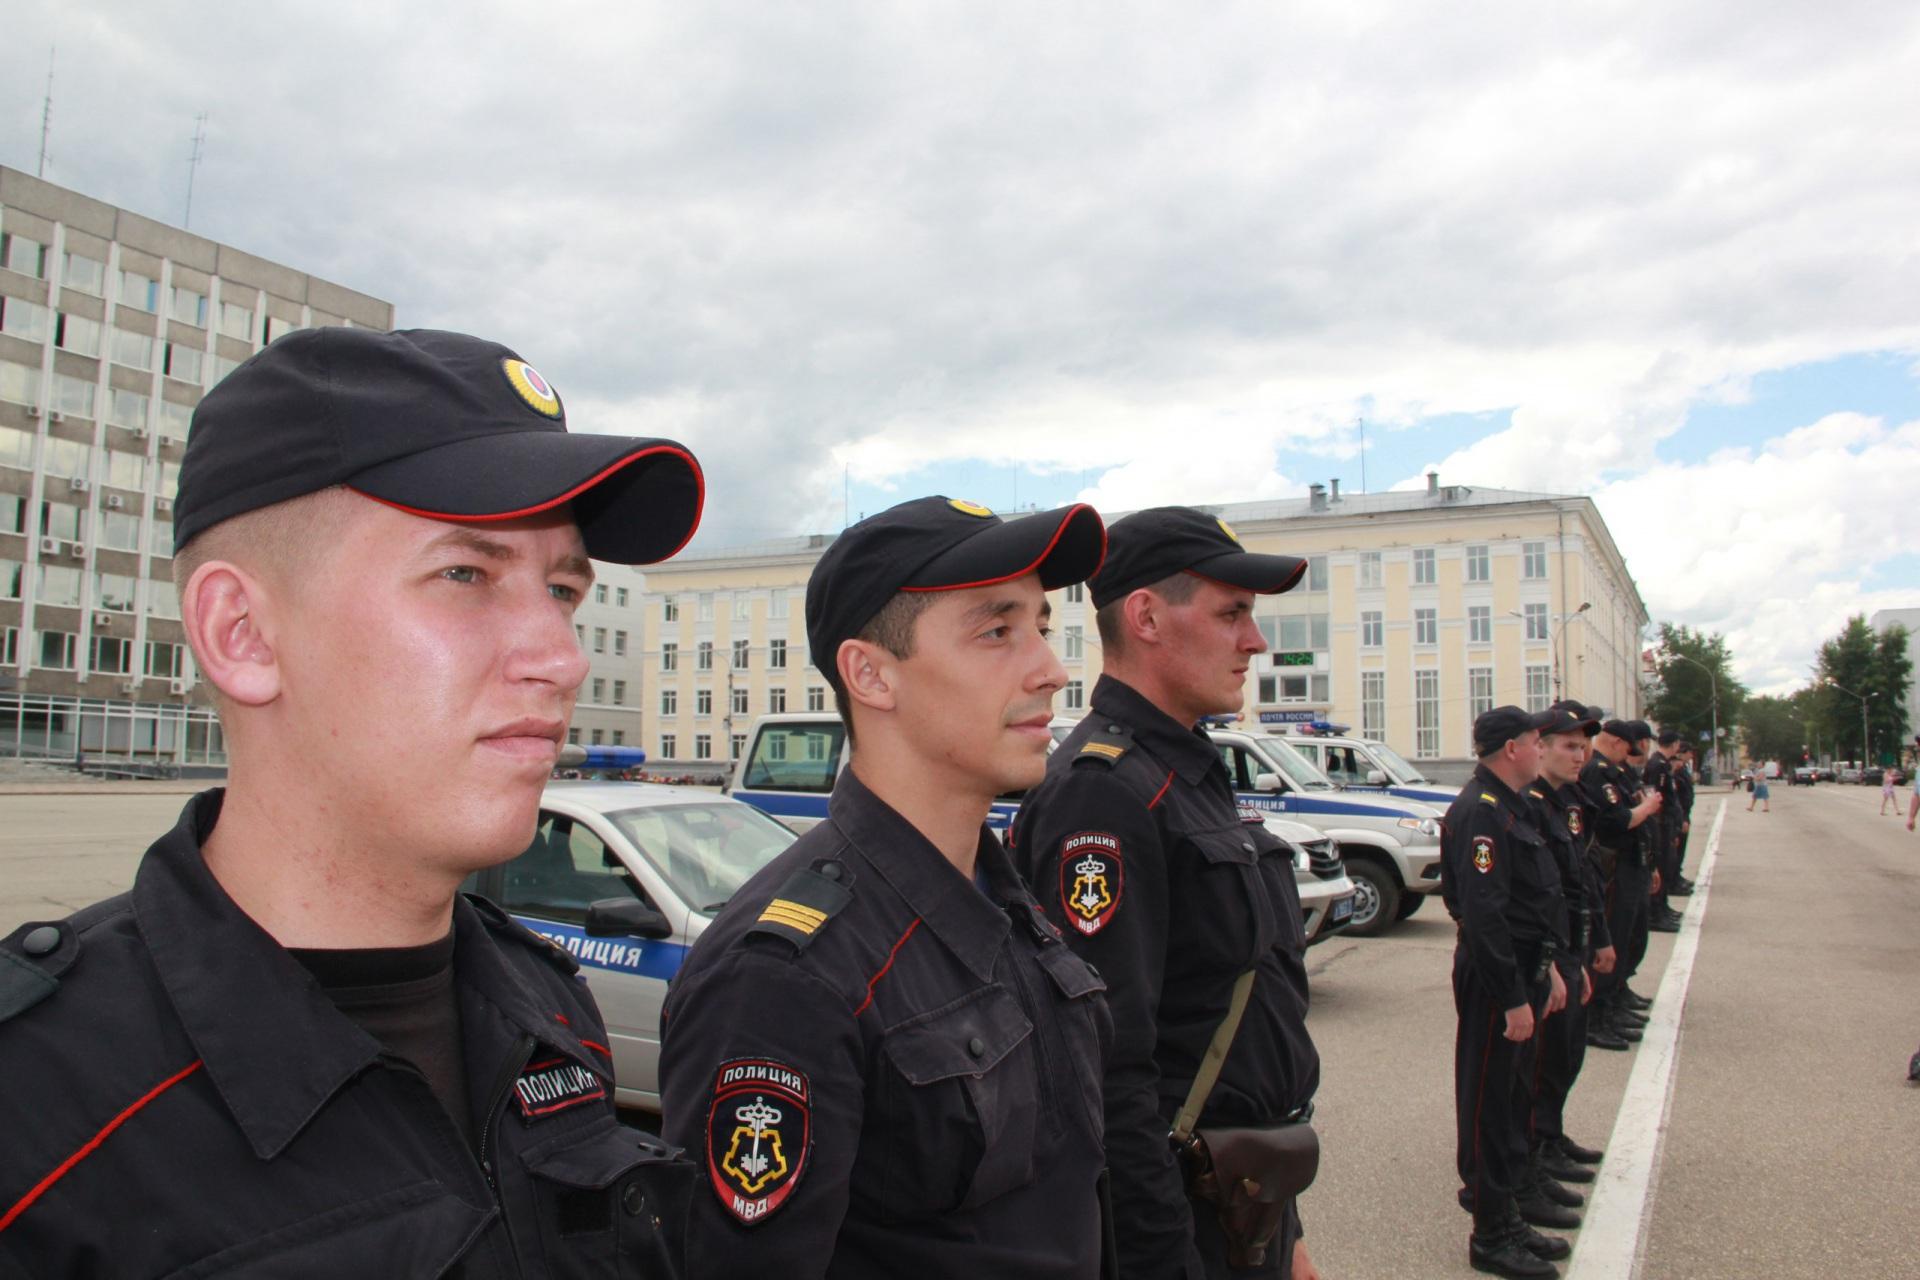 Общественный порядок во время выборов в Коми охраняют полиция и Росгвардия